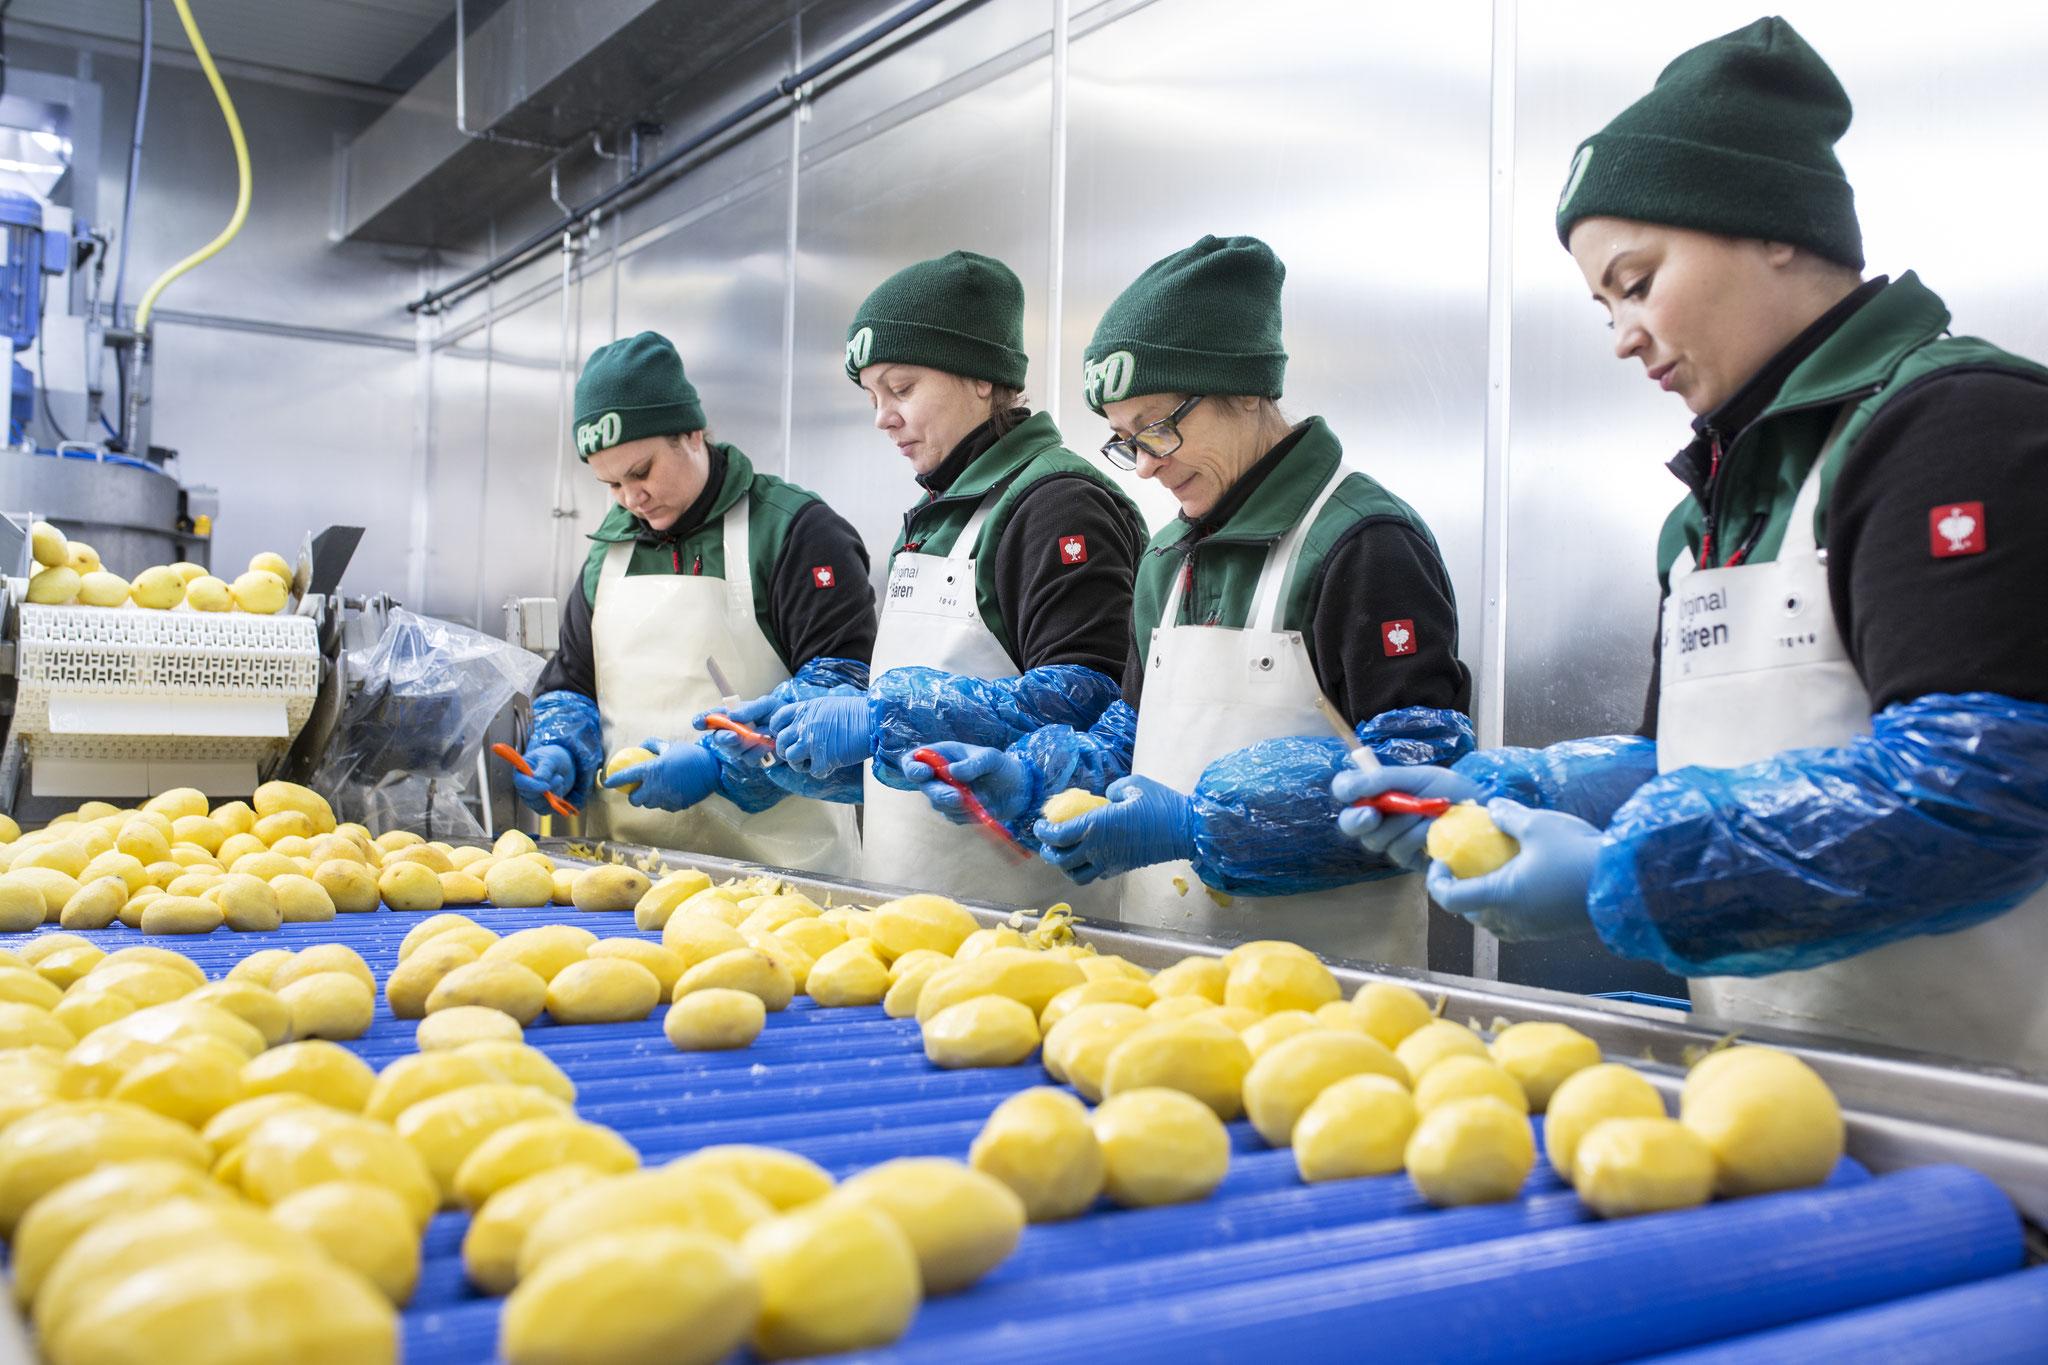 Nacharbeitung der geschälten Kartoffeln